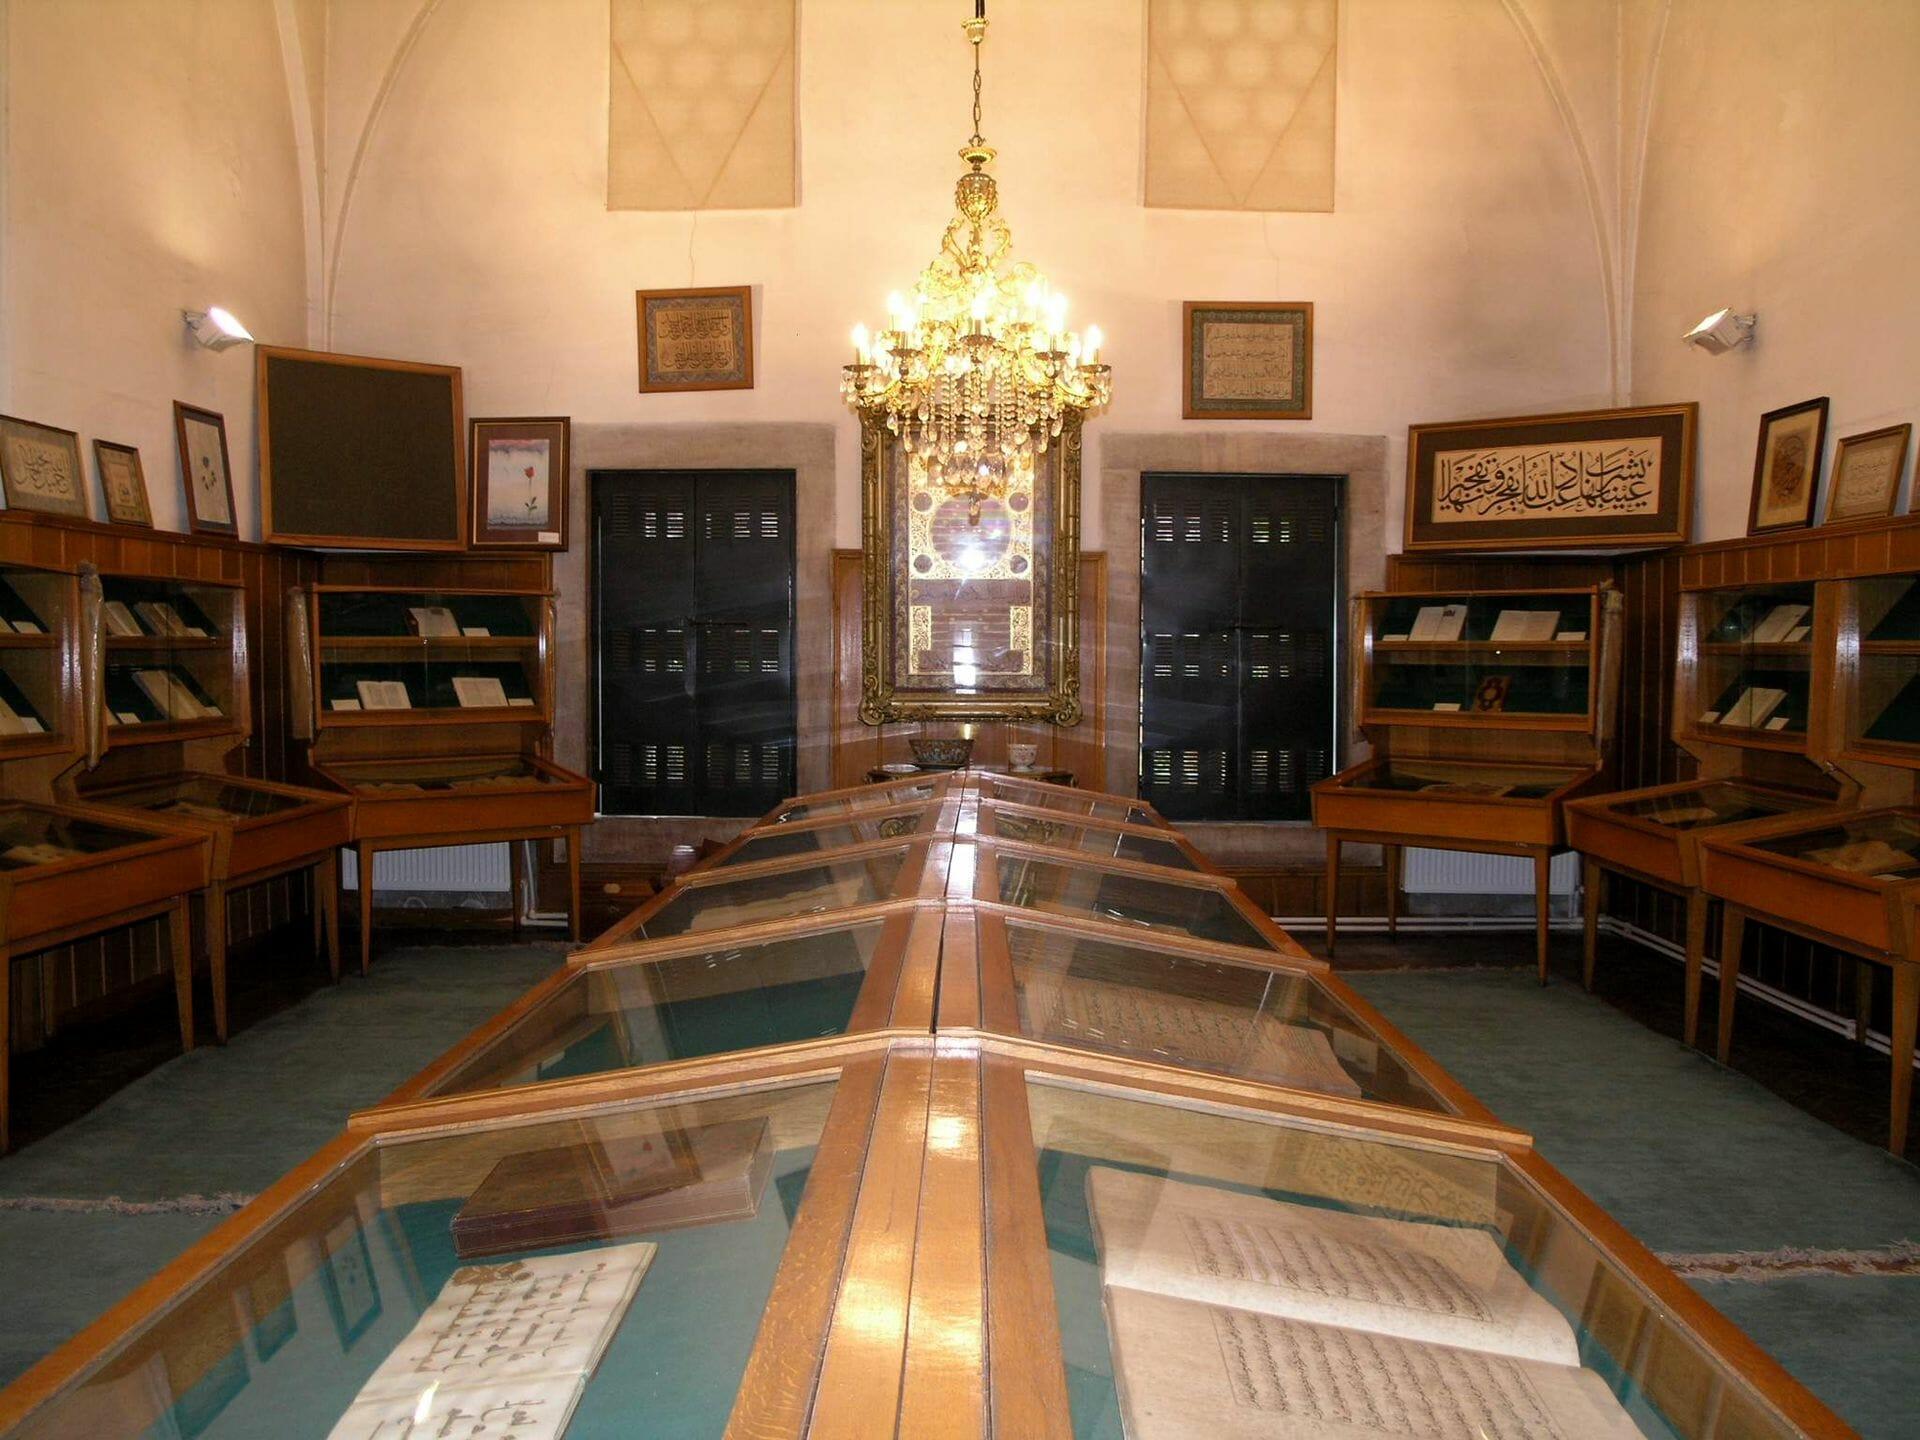 pa2 - مكتبة تاريخية في اسطنبول اكثر من نصف محتواها باللغة العربية